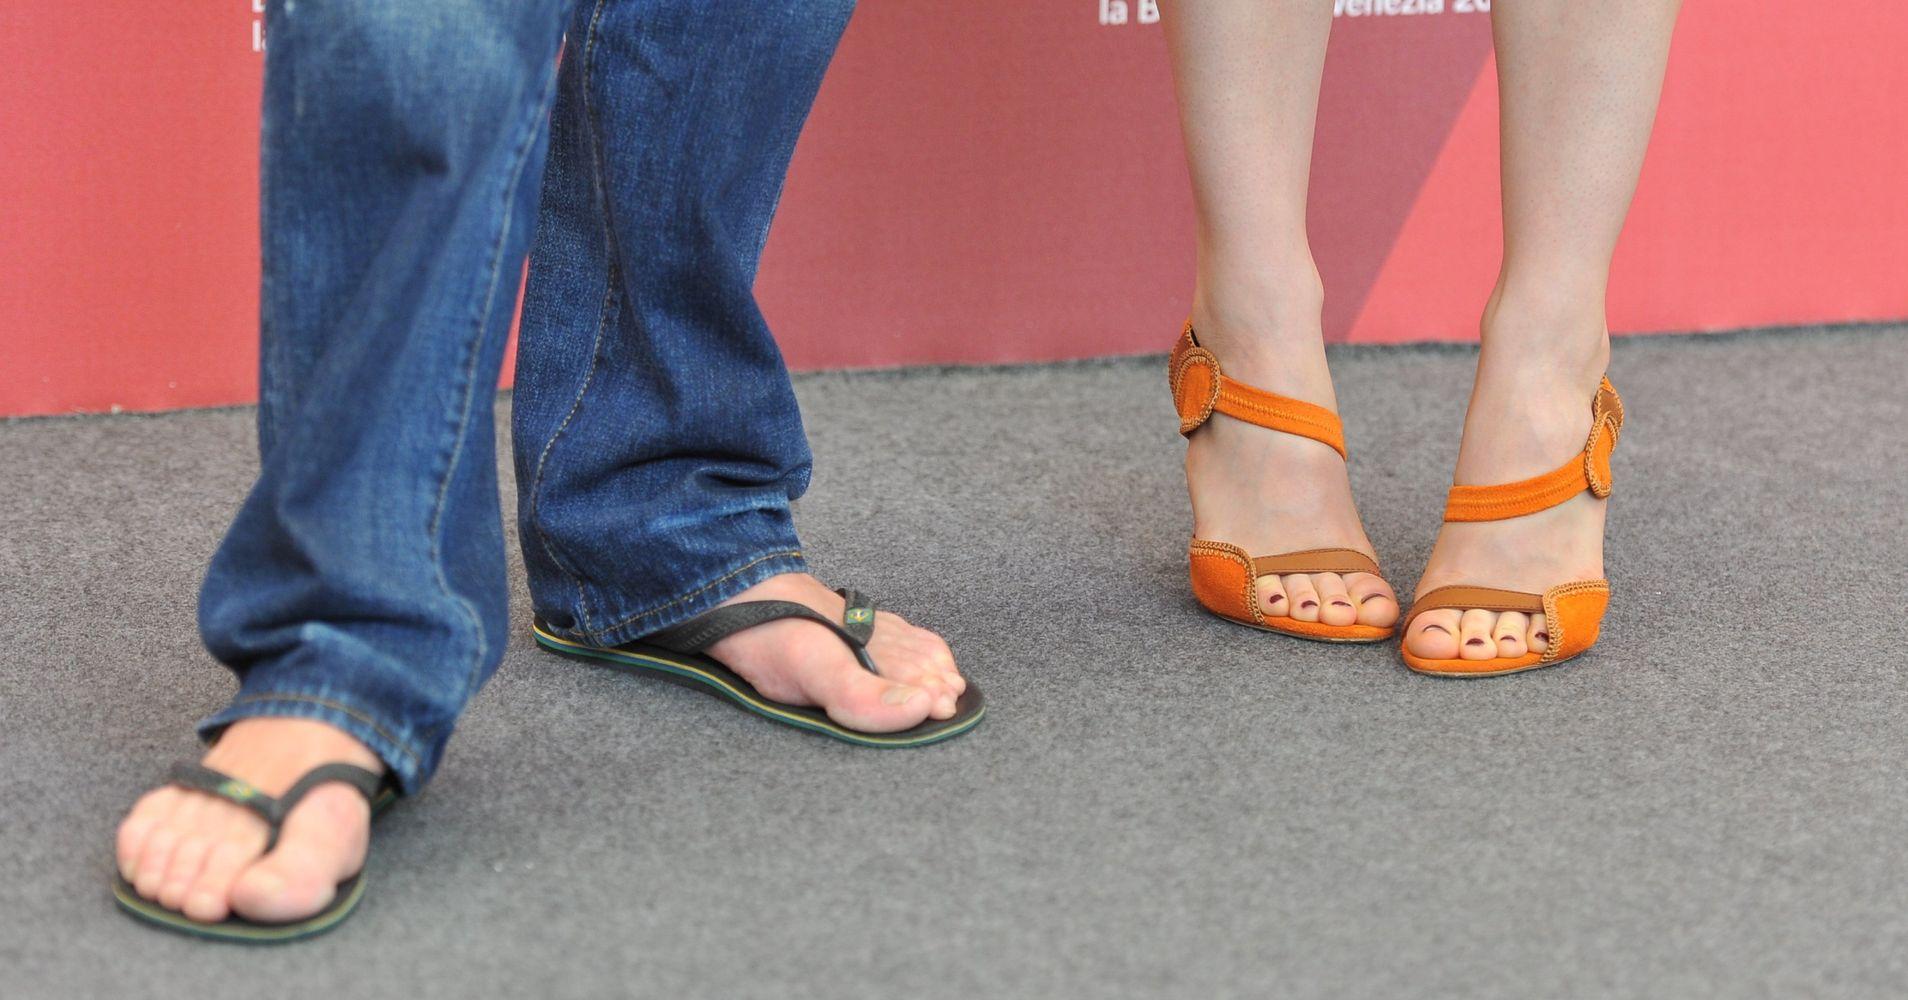 f0af0b54c Men Shouldn t Wear Flip-Flops